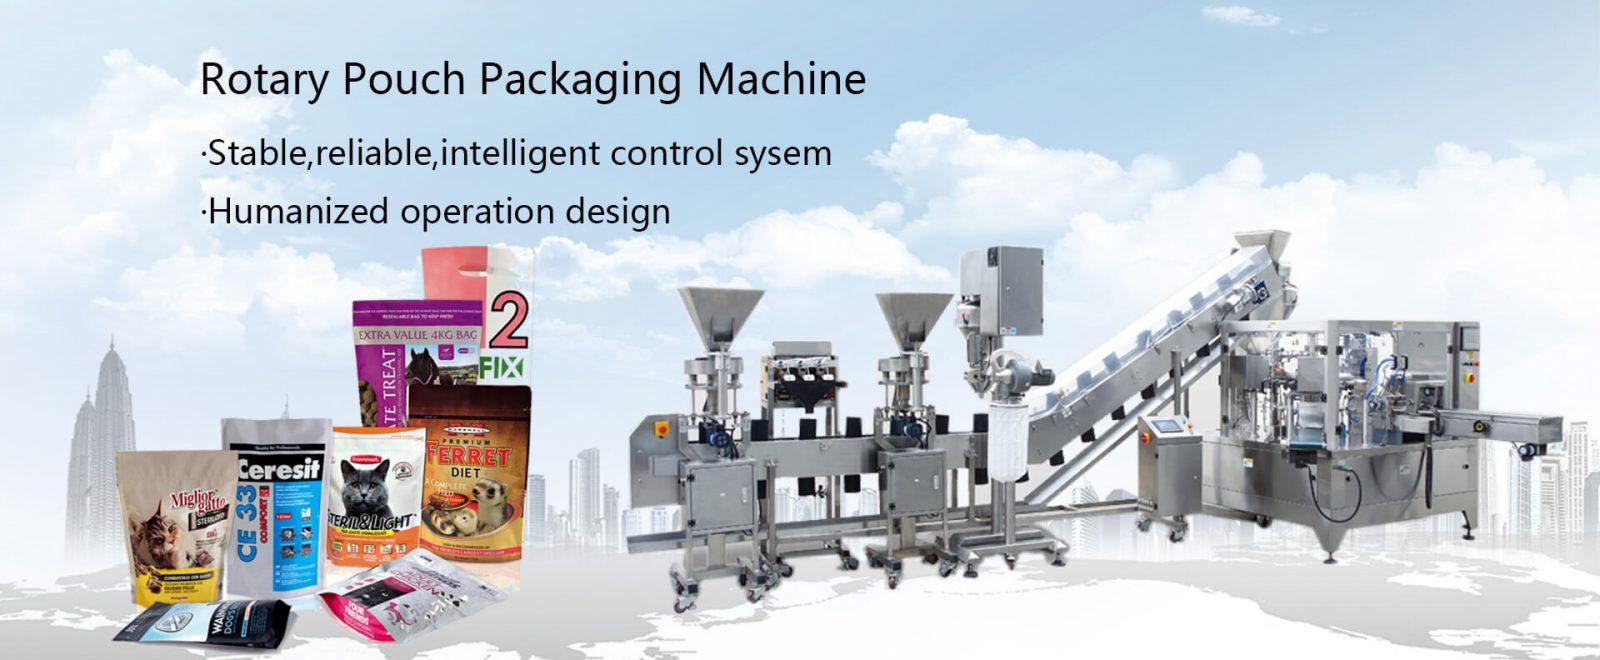 Machine de conditionnement de poche rotative